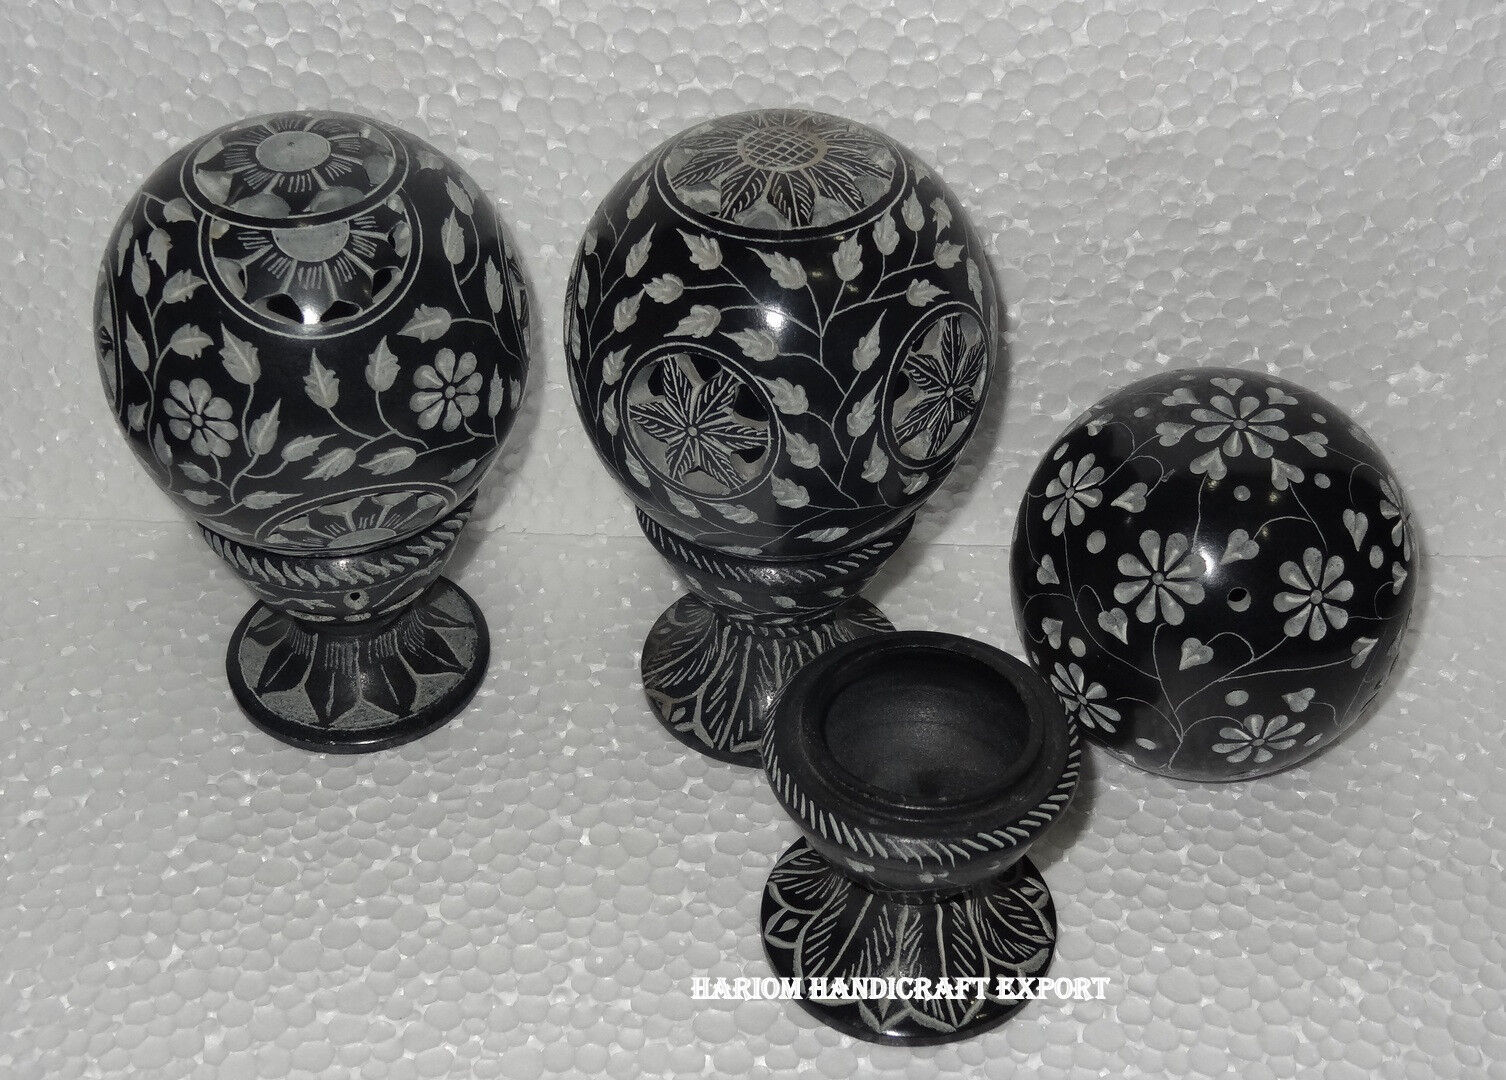 Lote de 3 Soporte de Vela de mármol negro mármol lámparas del aroma Flor Arte Decoración Del Hogar